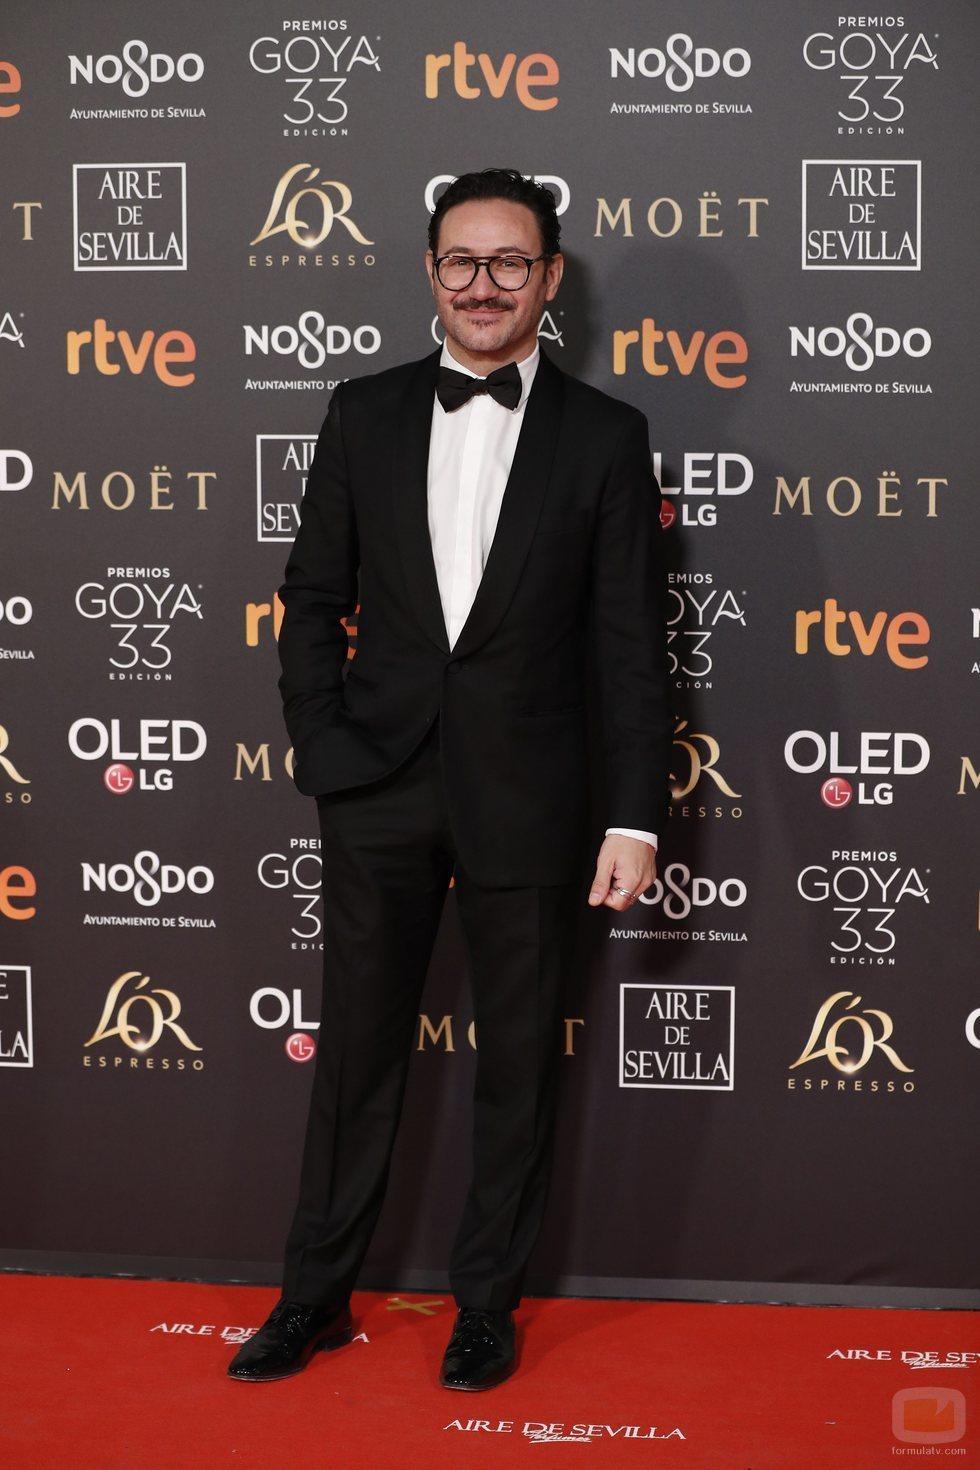 Carlos Santos posa en la alfombra roja de los Premios Goya 2019